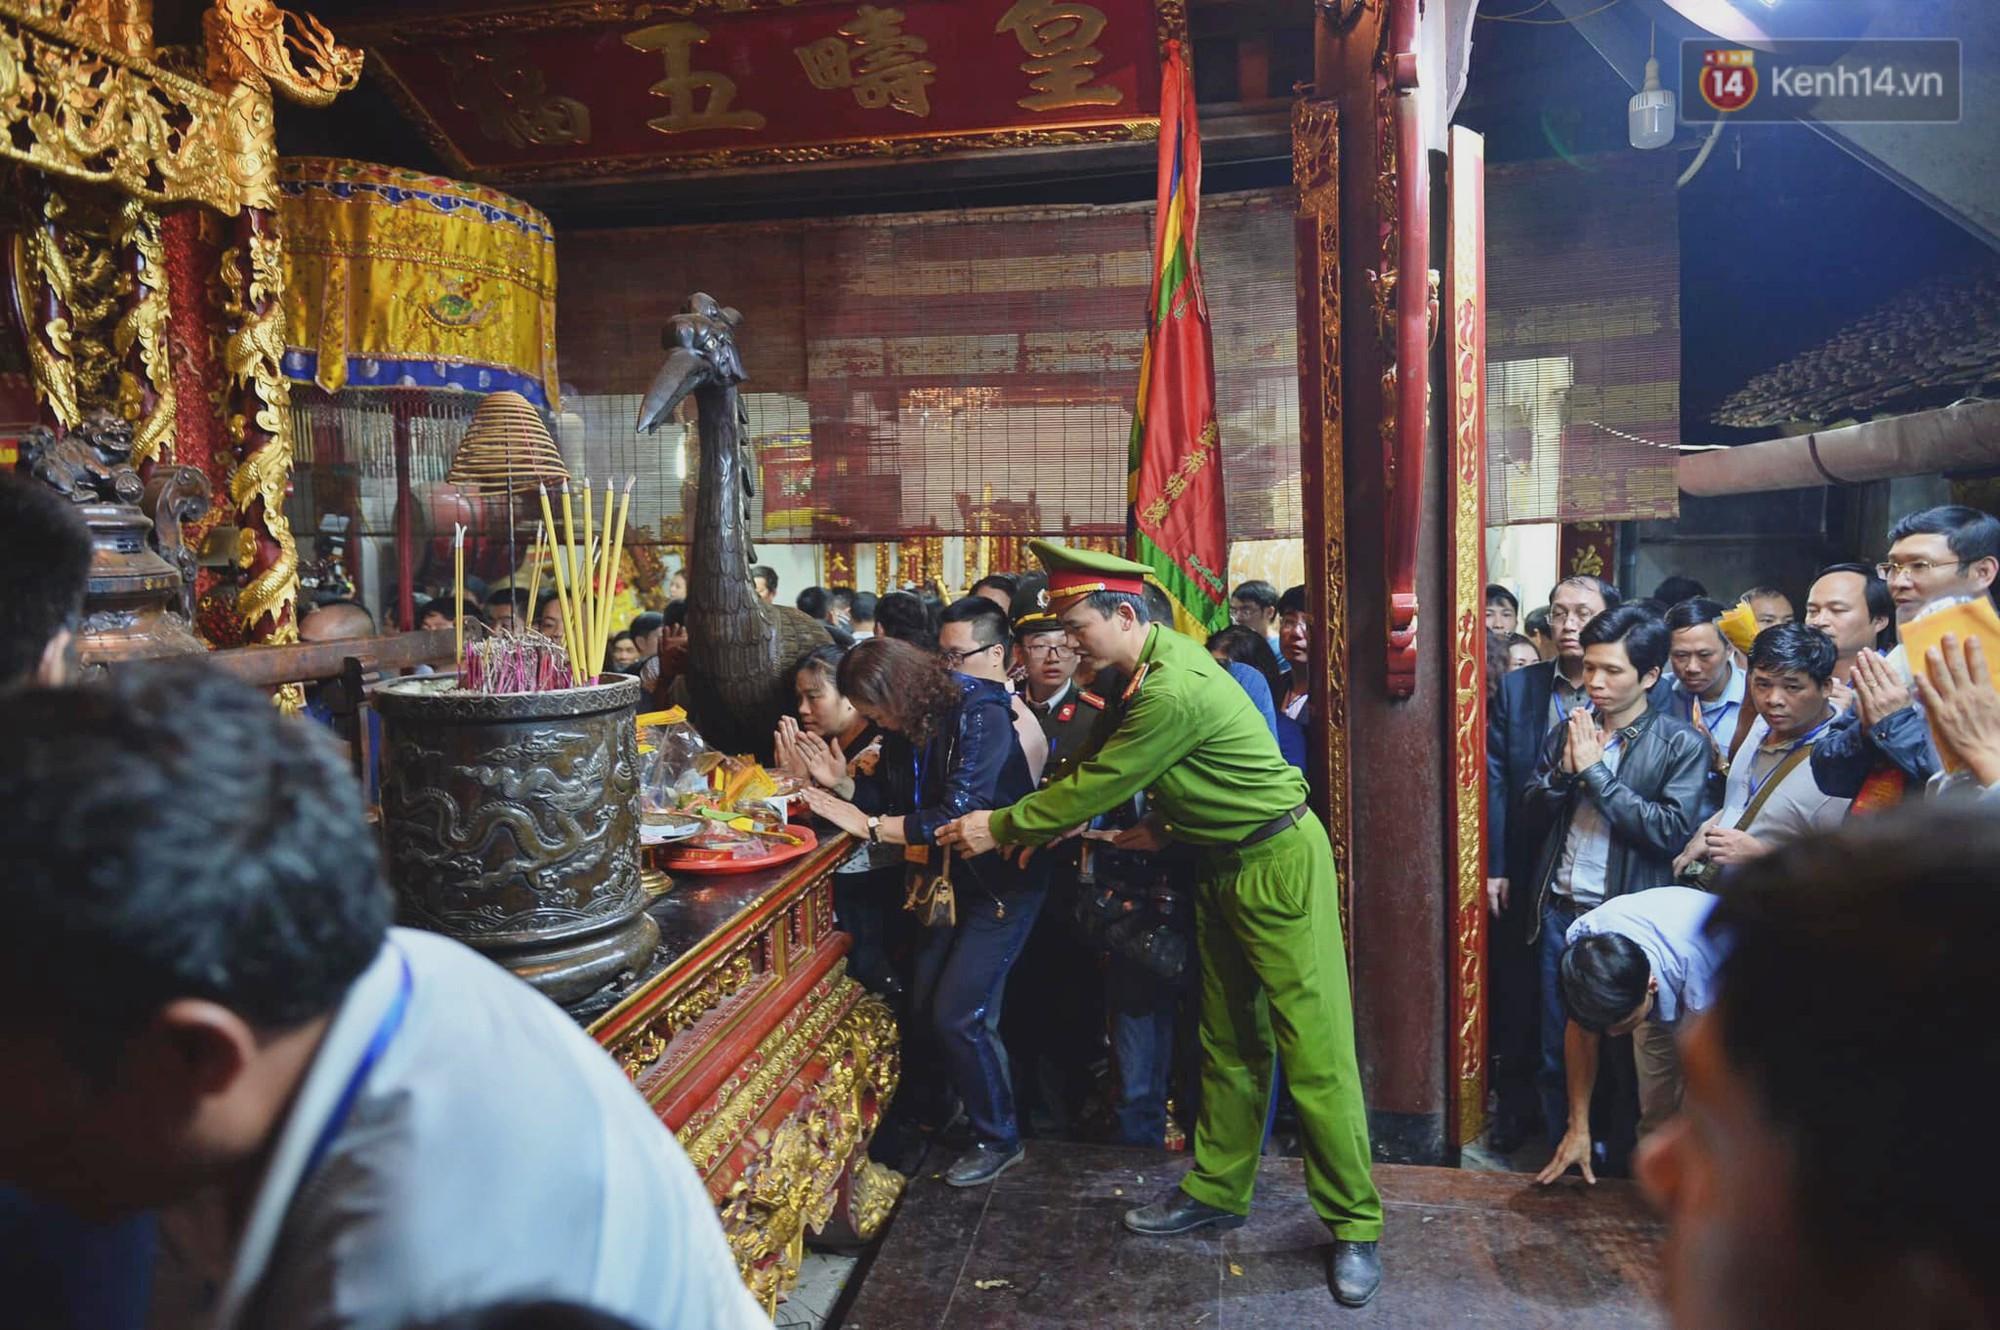 Người dân ném tiền vào kiệu ấn trước giờ khai hội tại Đền Trần - Ảnh 13.